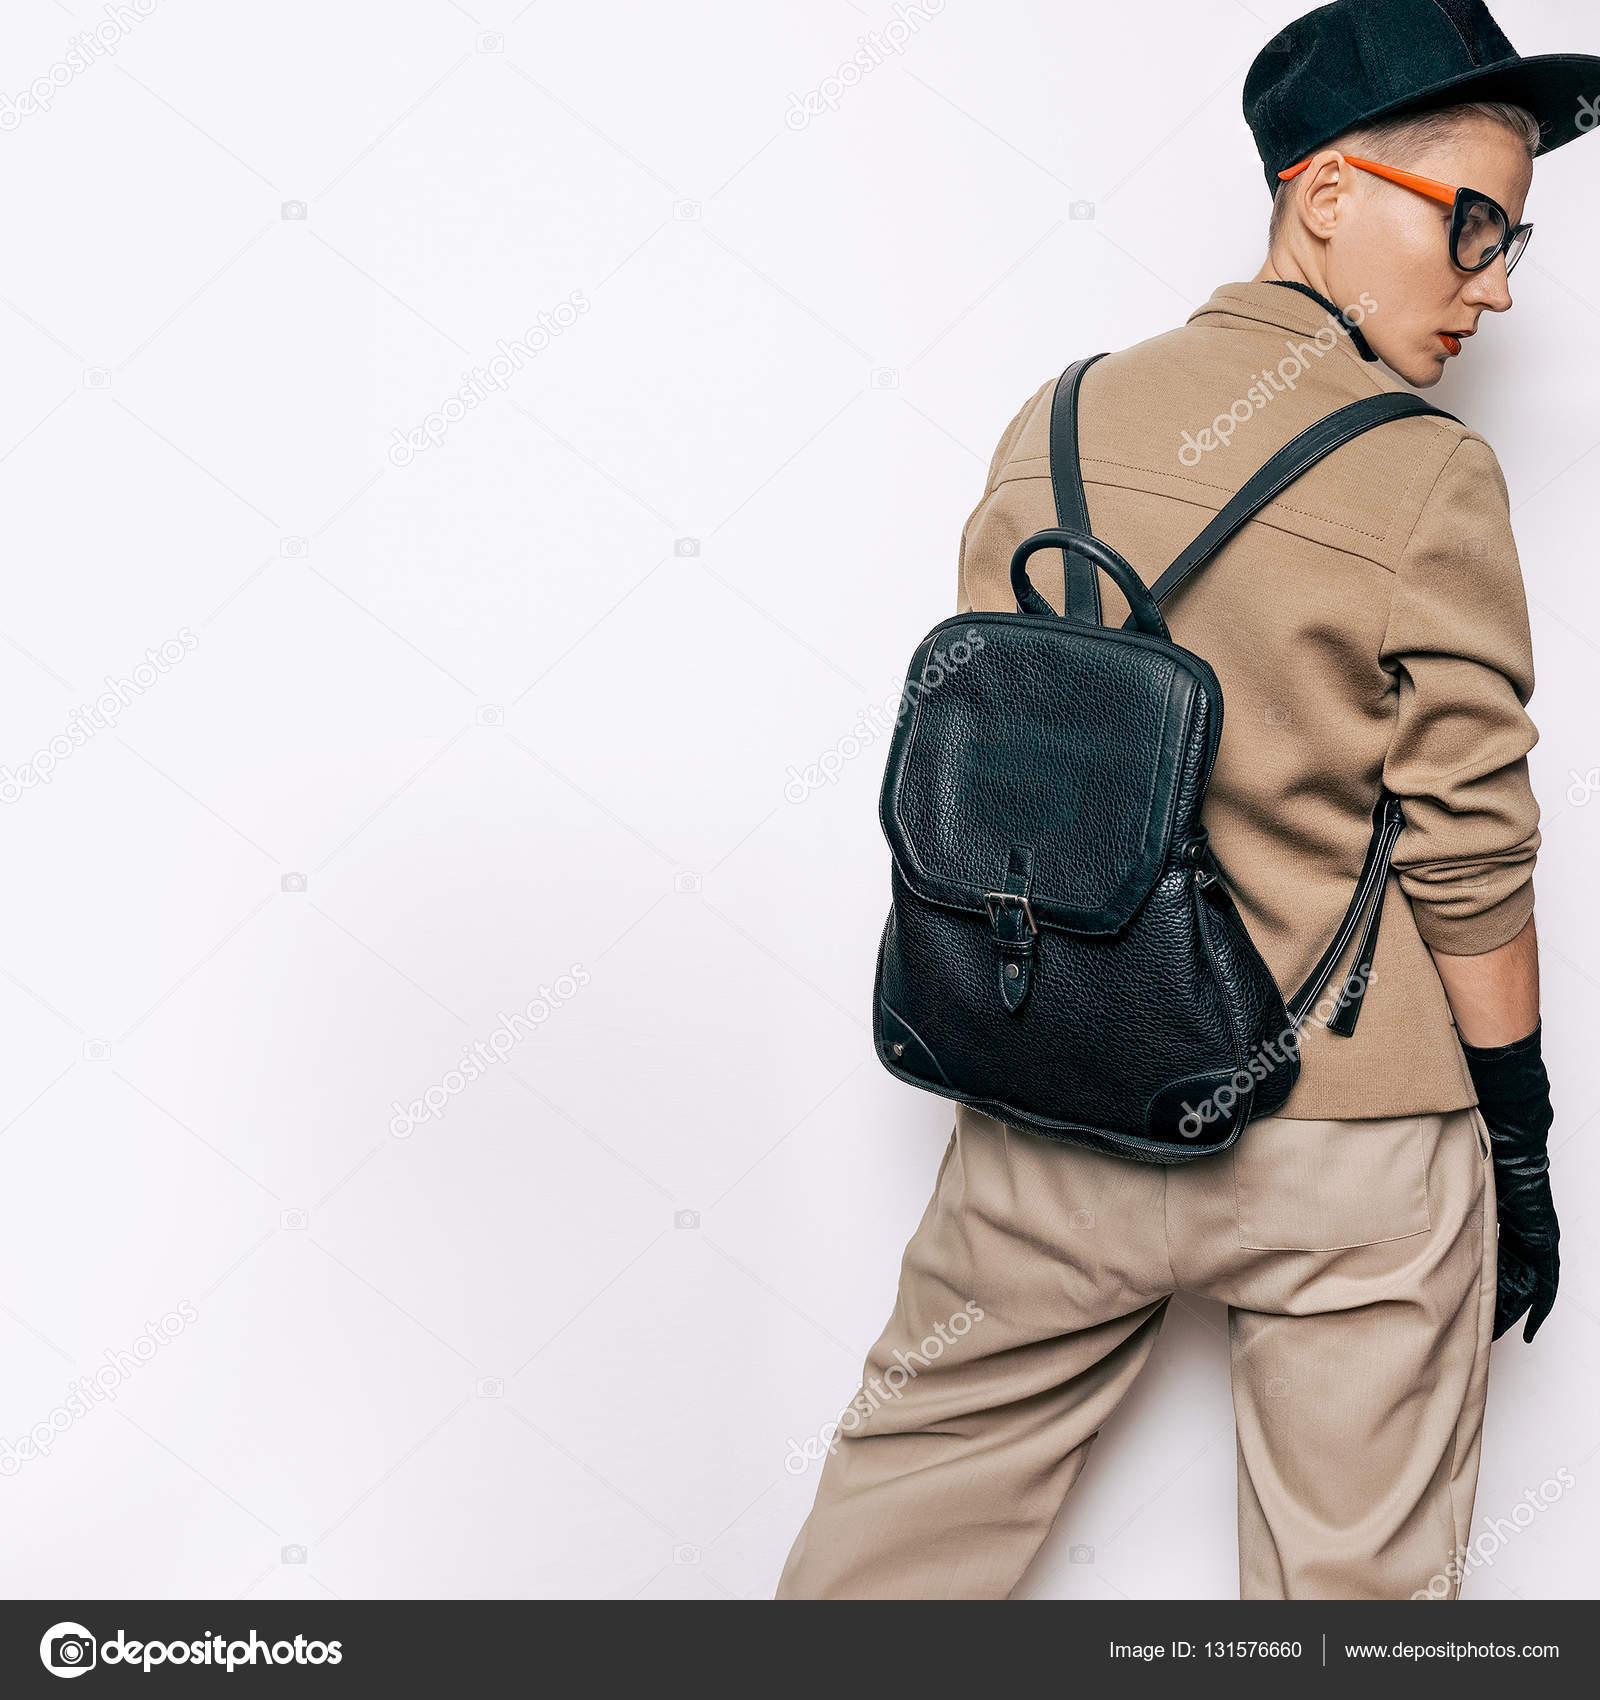 ba3ef36e50 Vintage divat Tomboy diák bézs klasszikus ruha és divatos kiegészítők. Piros  rúzs, retro, szemüveg. Kesztyű. Hátizsák és kap. Vegyes tendenciákat és a  ...